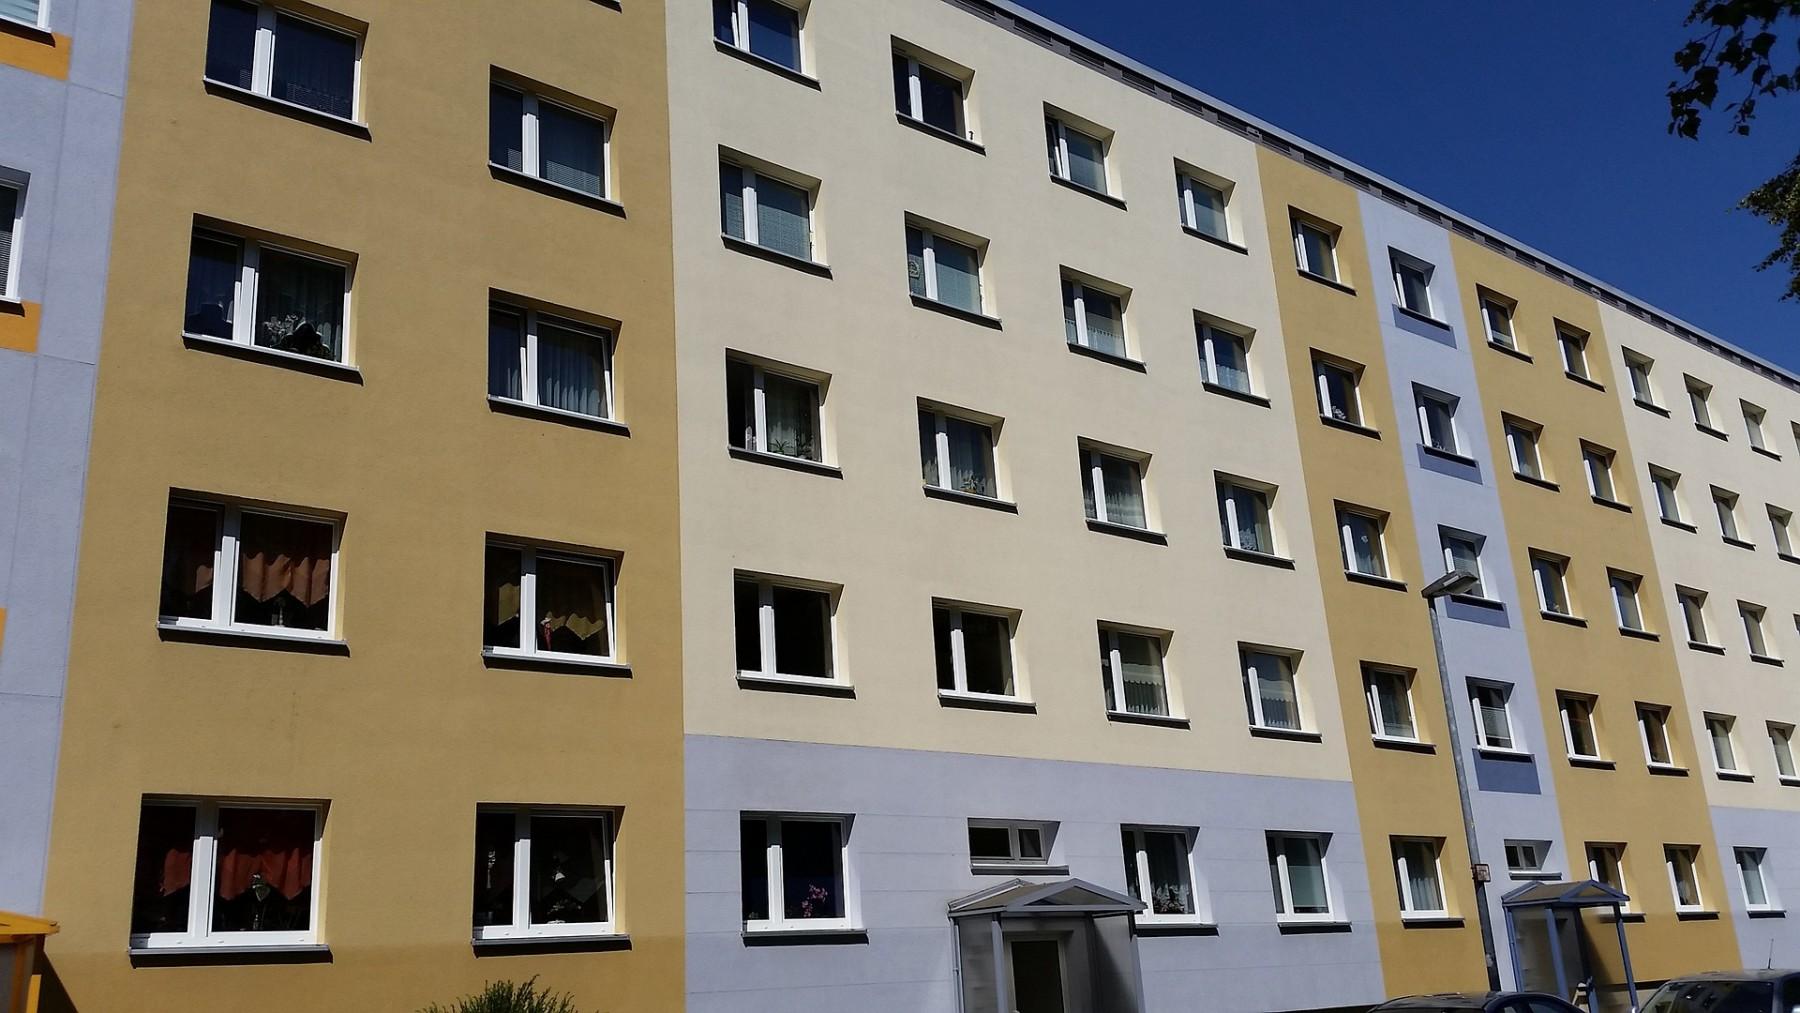 Das A/V-Verhältnis ist bei lückenloser Bebauung günstiger als bei freistehenden Einzelhäusern. Foto: Pixabay